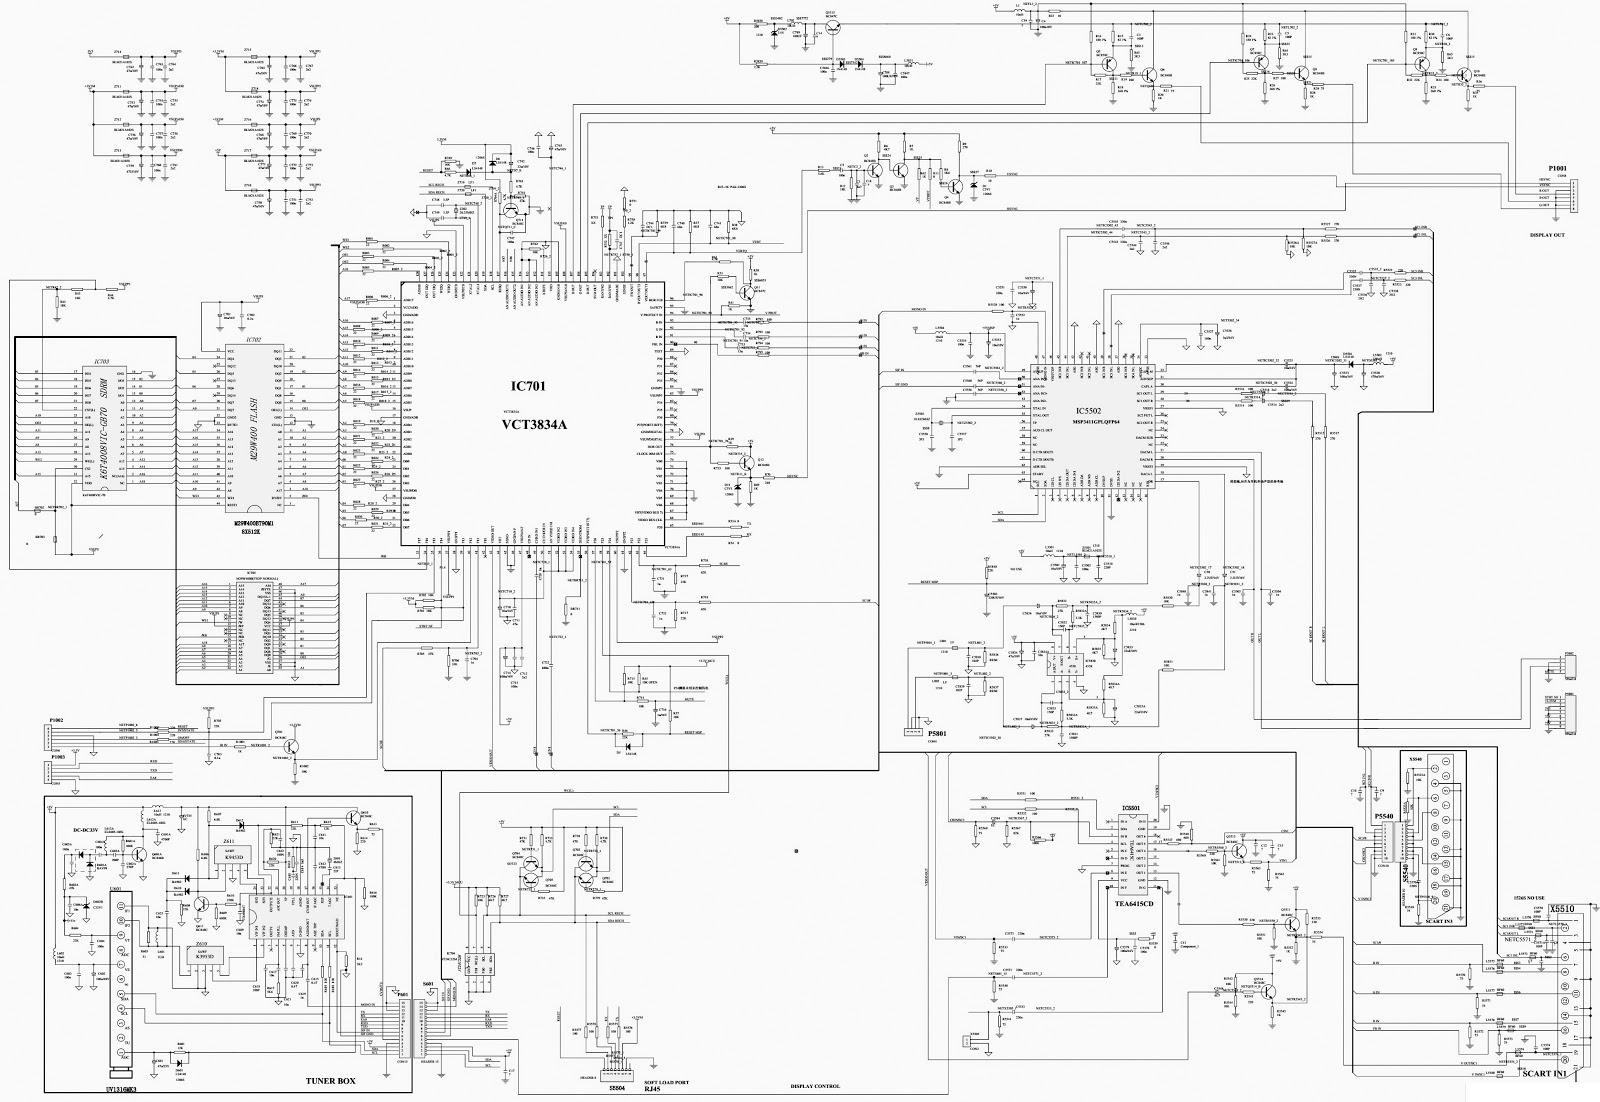 hobart wiring diagrams